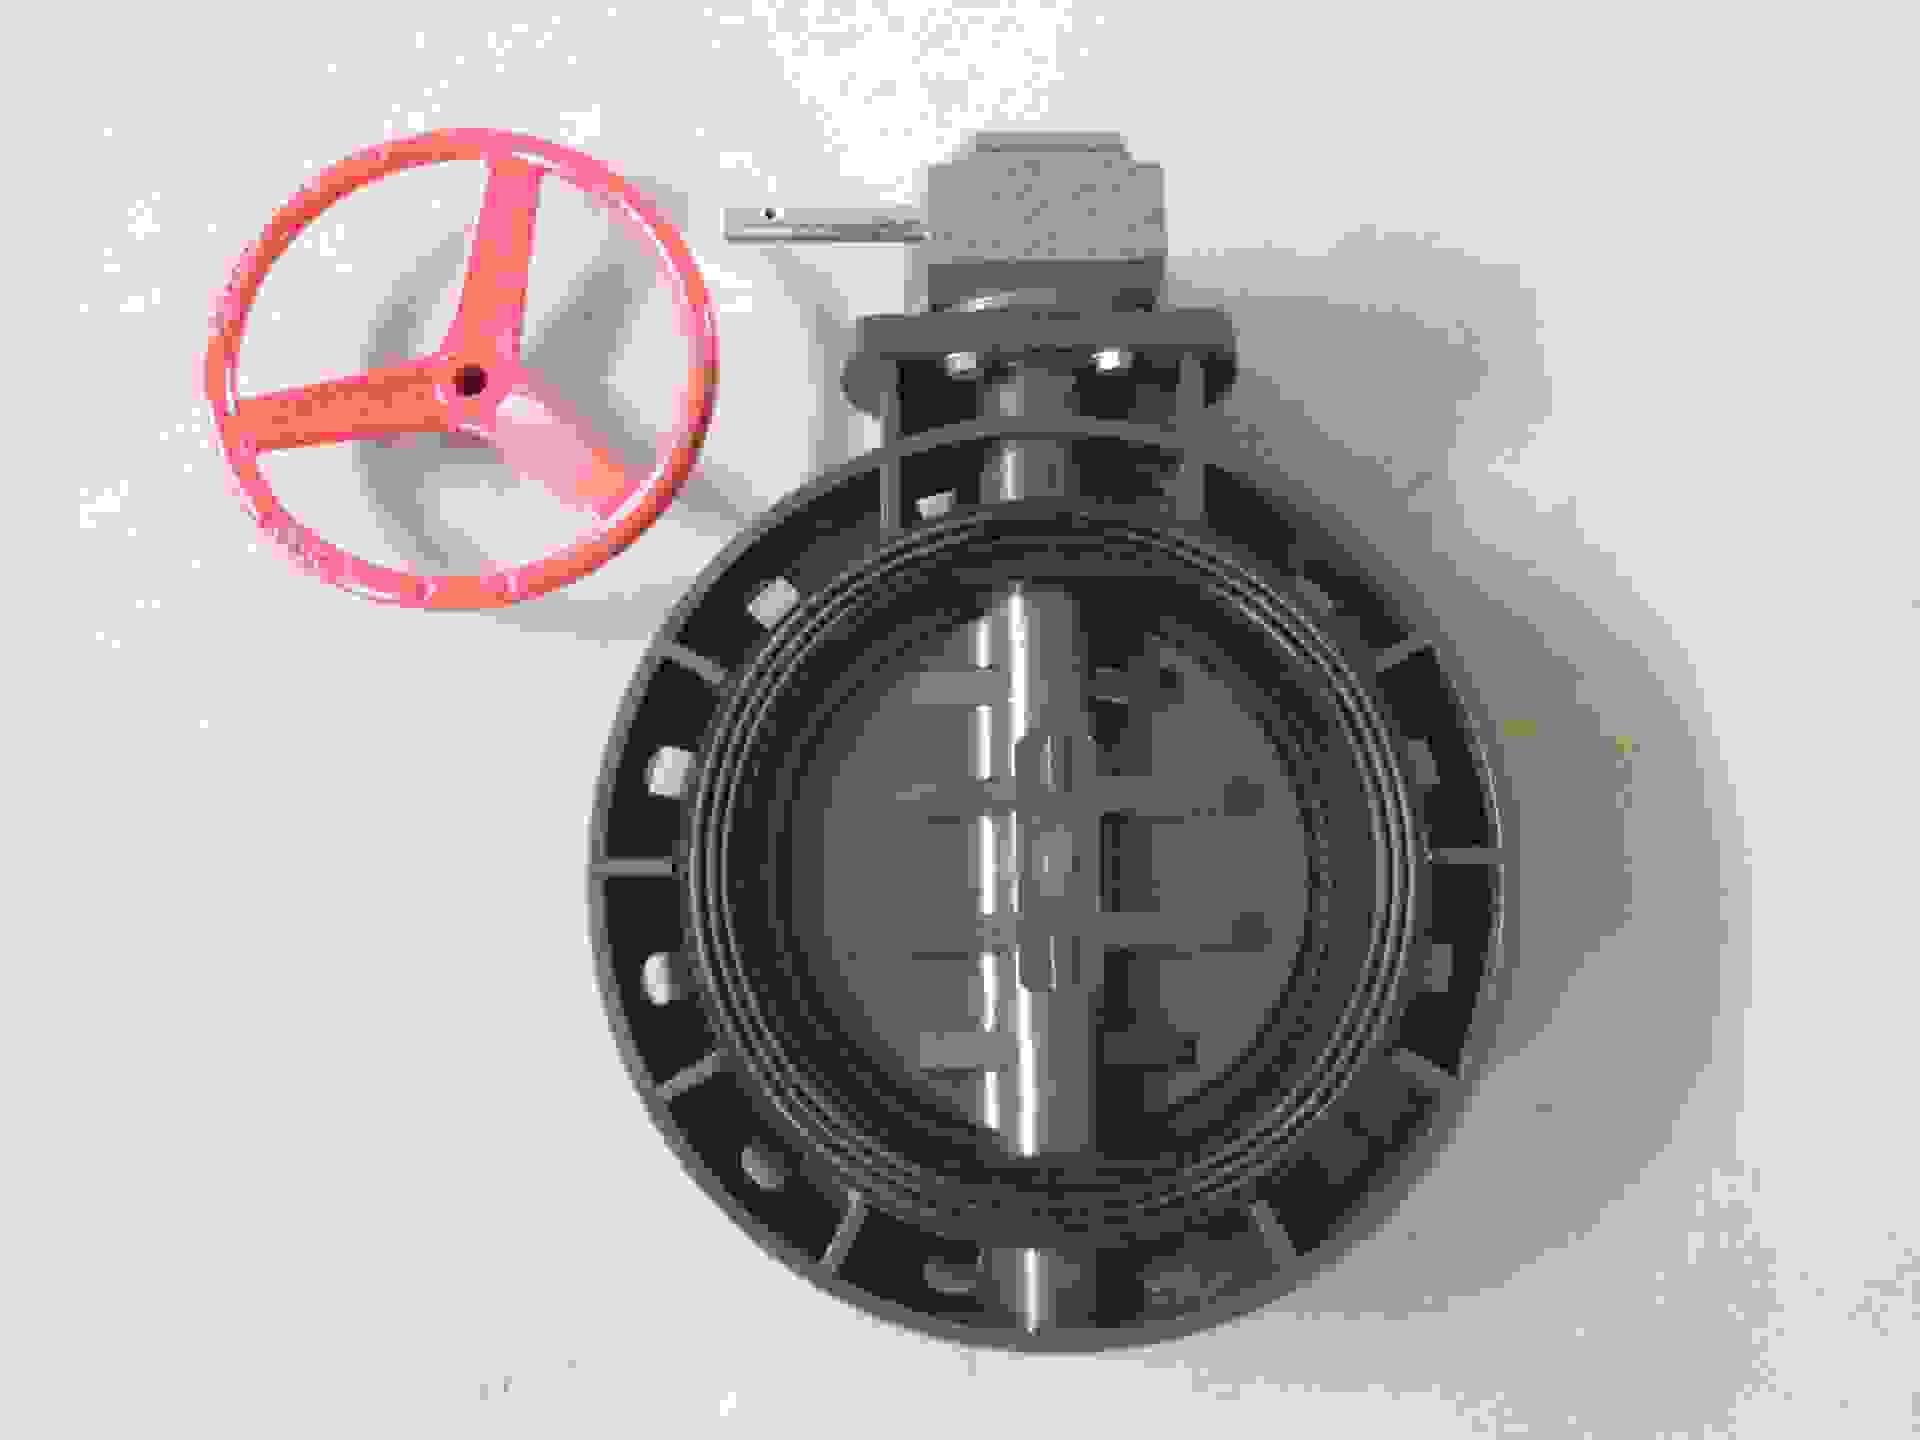 蜗齿式蝶阀 d371x-10s pvc 蝶阀 塑胶蝶阀 塑胶阀门 热销阀门图片